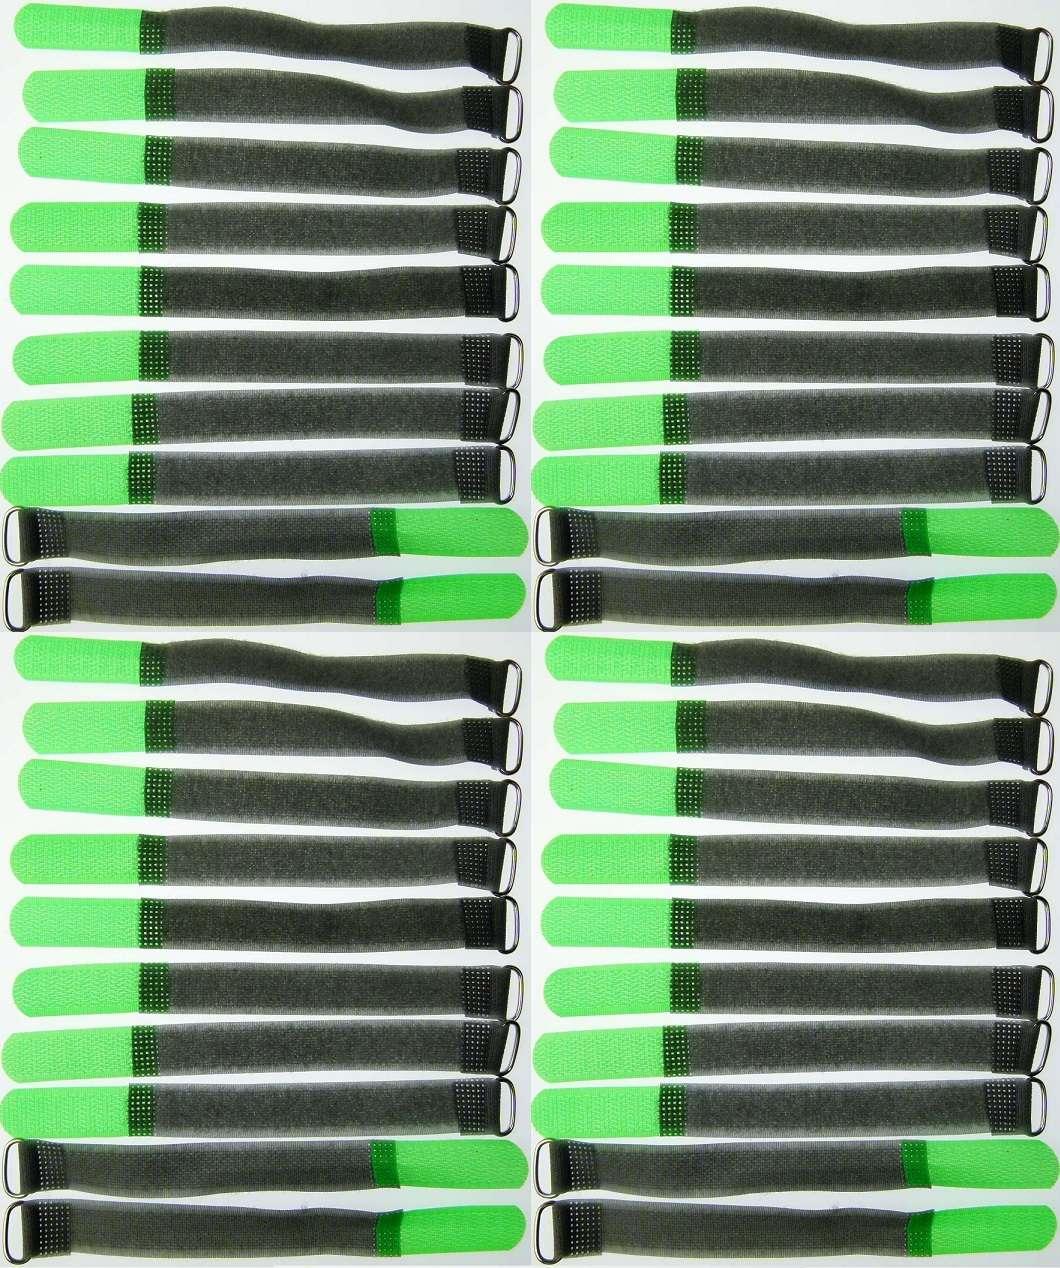 100 Kabelbinder Kabelklett 50 cm x 50 mm neon grün FK Klettband Klettkabelbinder